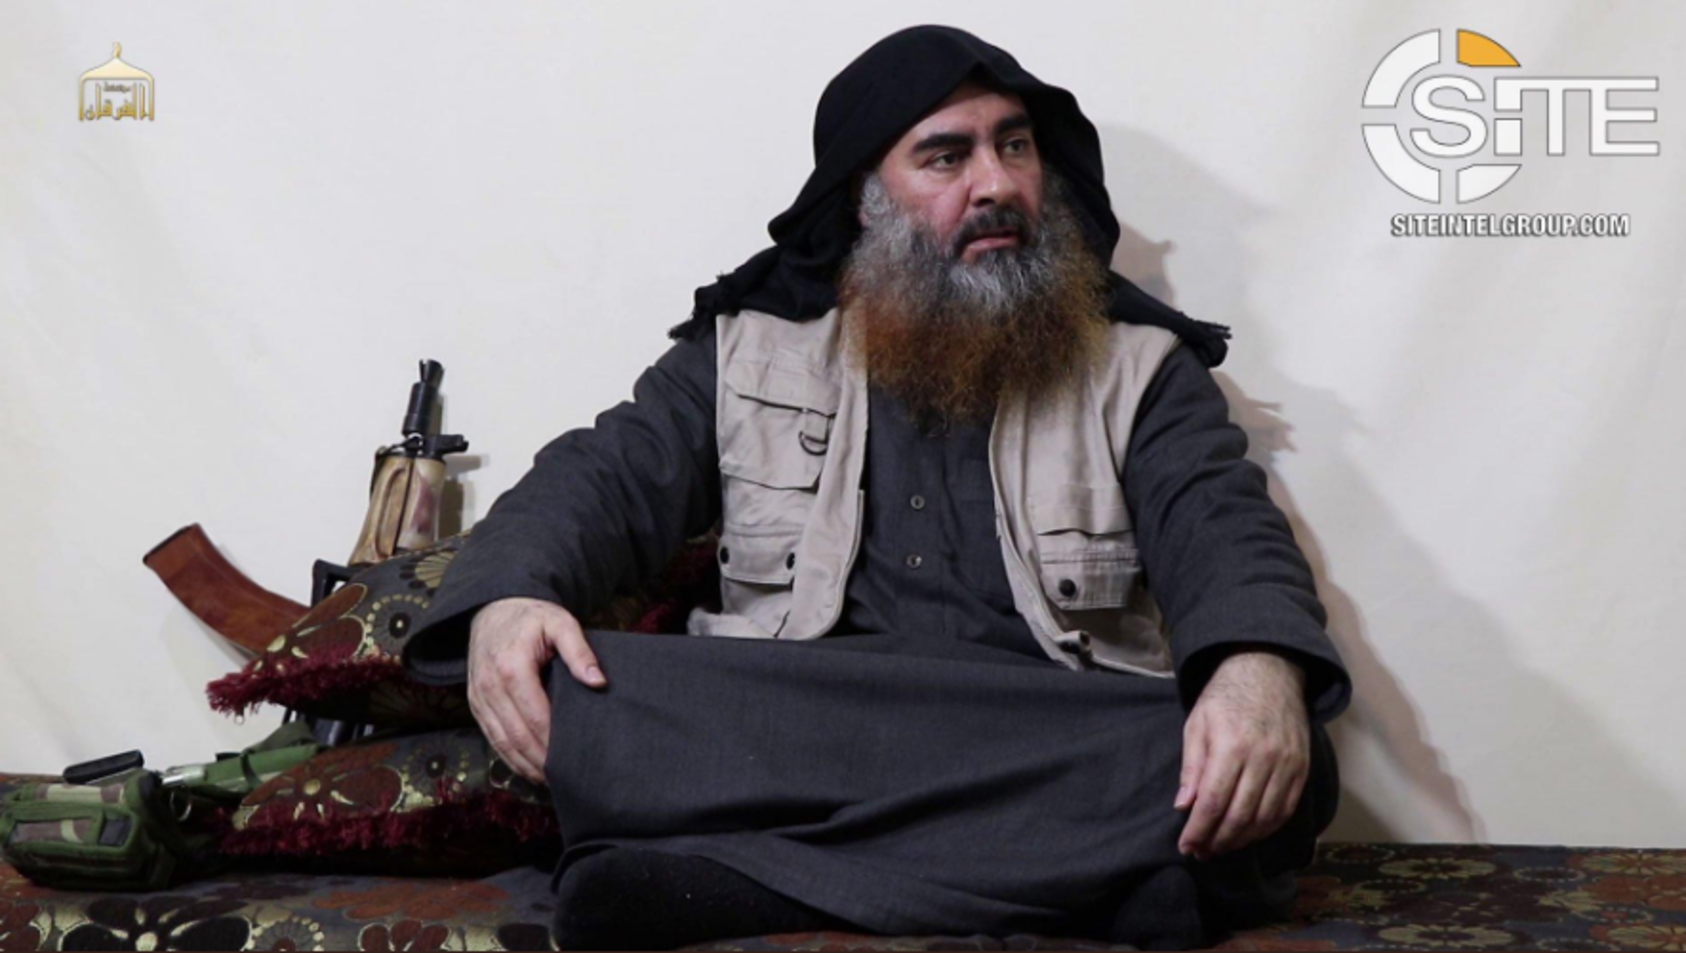 """Isis, al-Baghdadi ricompare in un video dopo 5 anni: """"Bene attacchi in Sri Lanka, colpire forze francesi in Mali e Burkina Faso"""""""